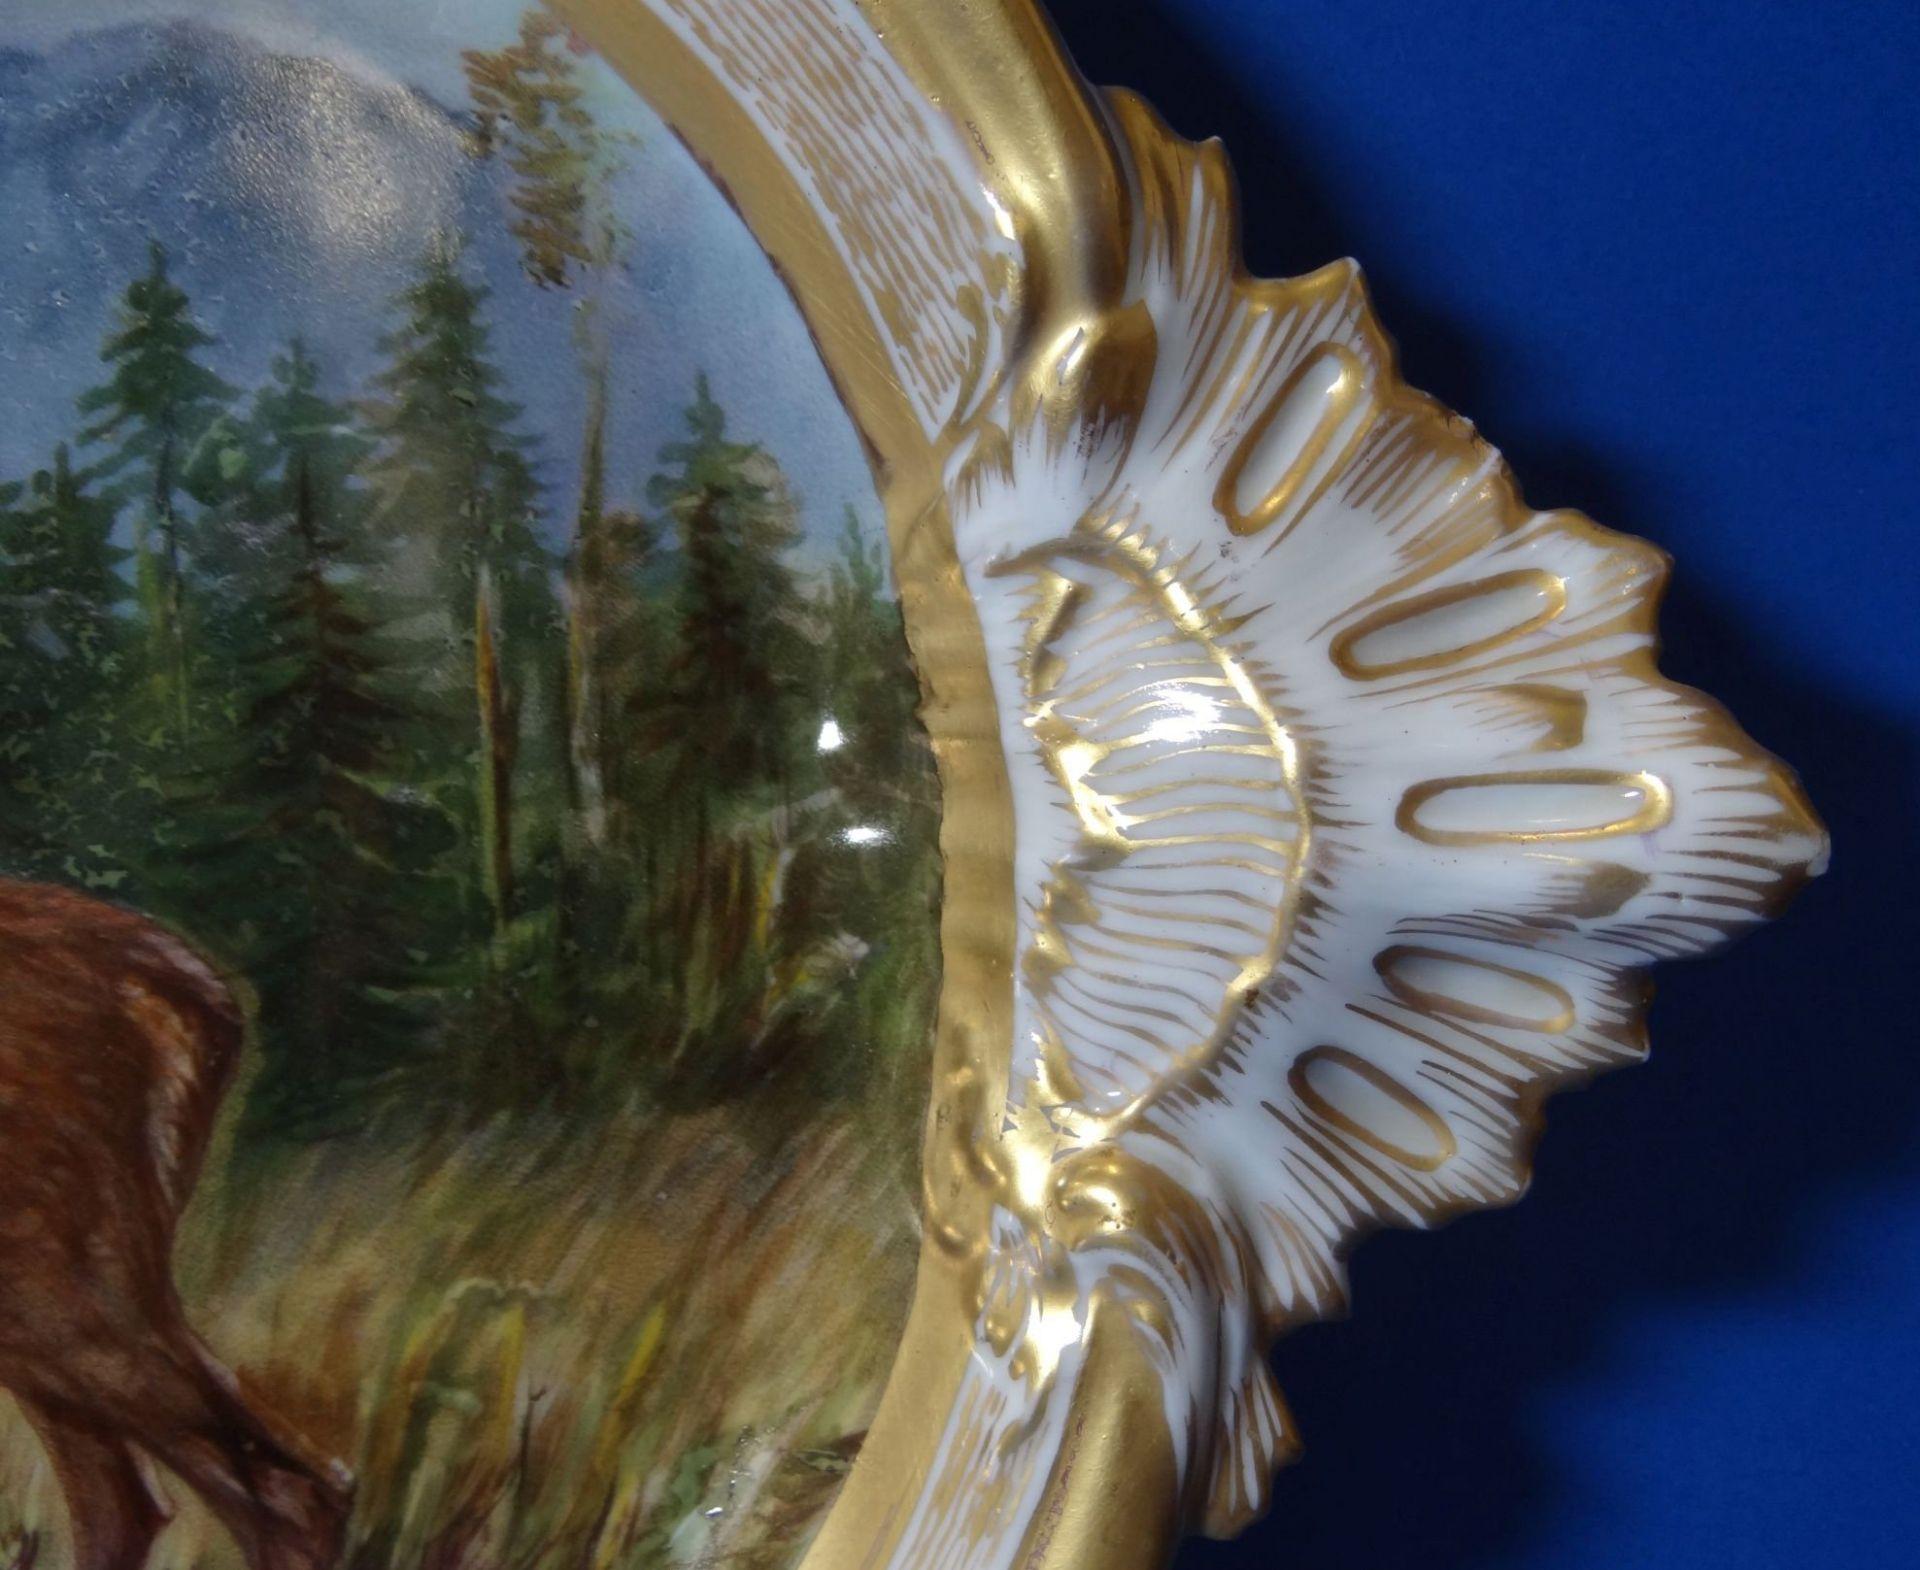 gr. ovale Platte, mit Hirsch-Gruppe,Goldstaffage, L-41 cm, B-27 cm - Bild 3 aus 7